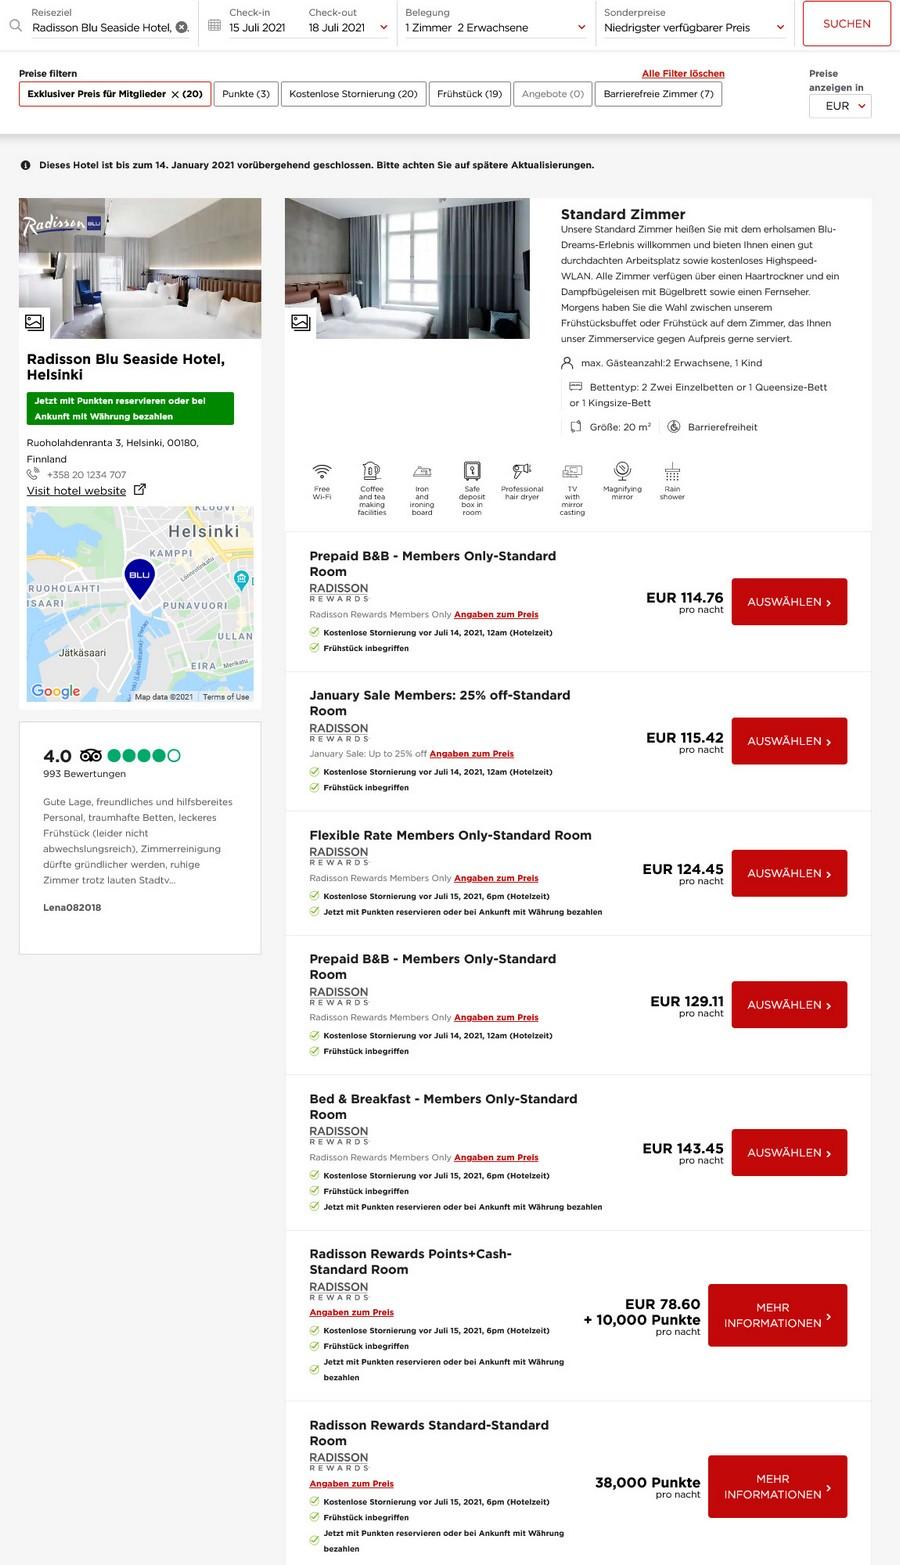 Preisbeispiel Radisson Seaside Helsinki - Vergleich aller Raten